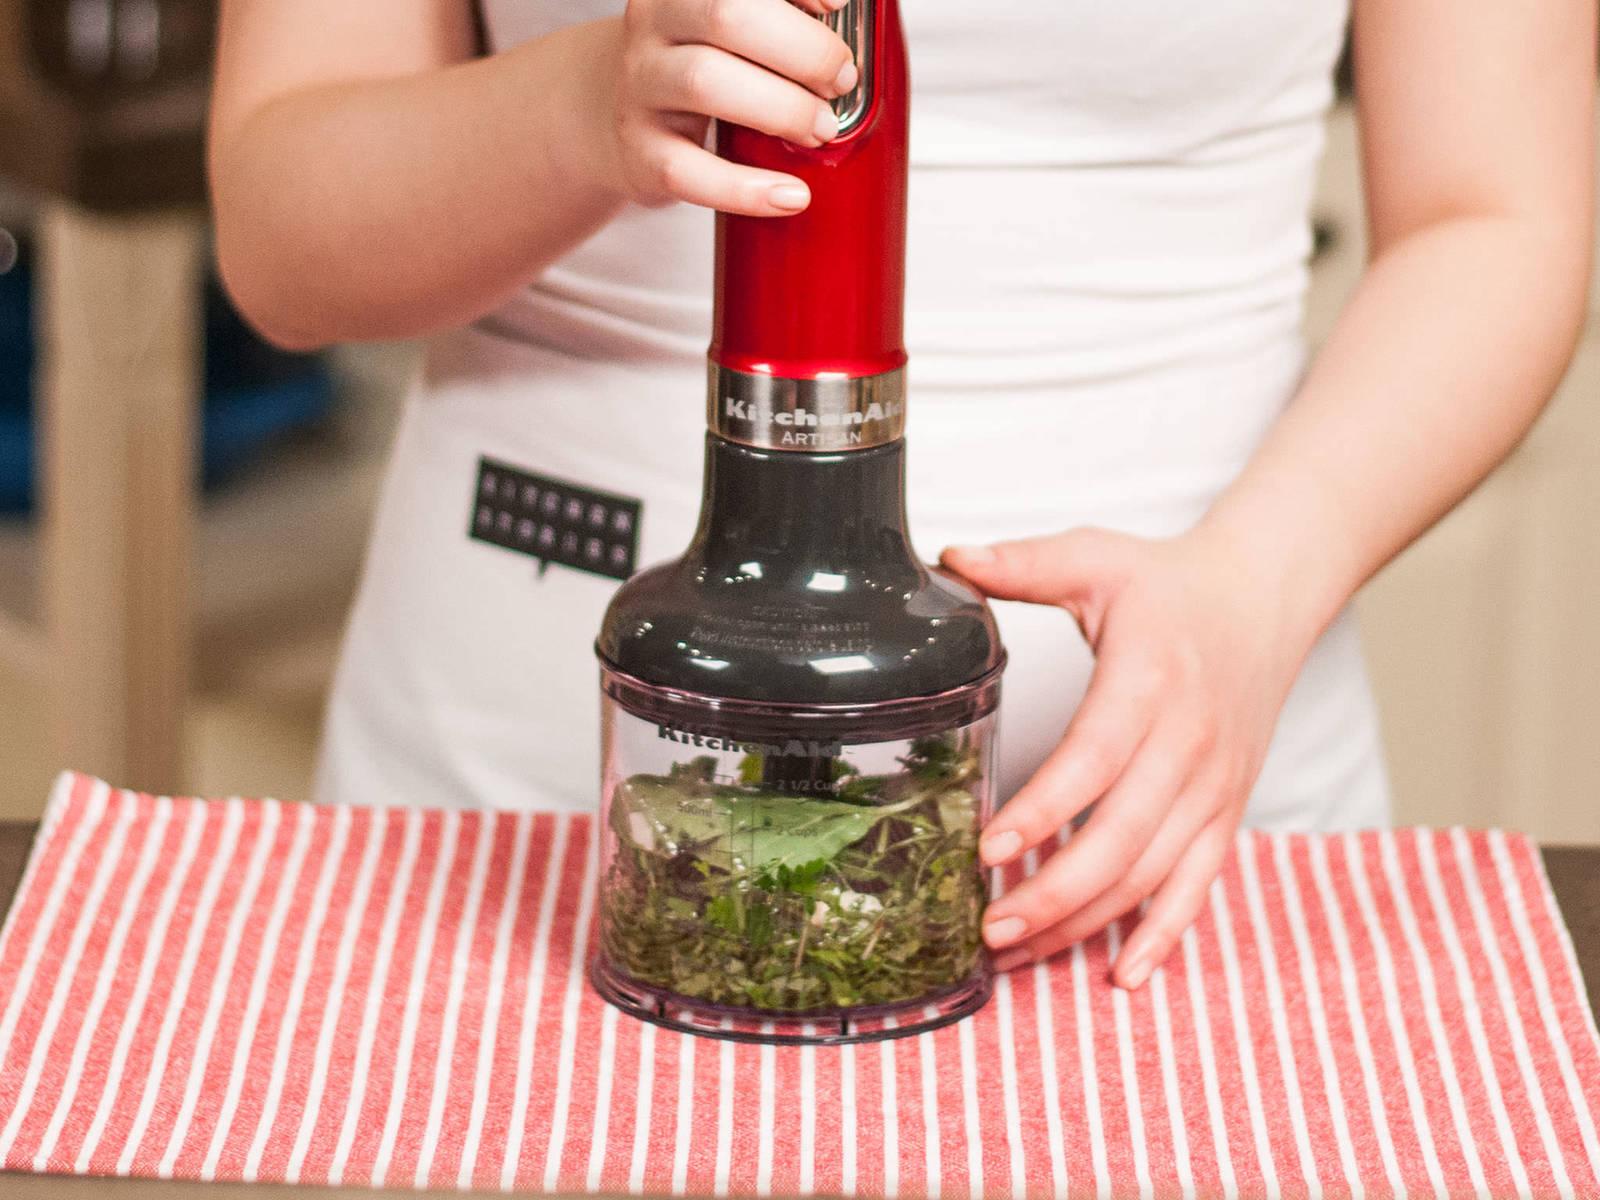 Für das Pesto die Blätter von Basilikum, Petersilie, Rosmarin und Thymian verlesen. Knoblauchzehe schälen und zerdrücken. Alles in einem Zerkleinerer fein pürieren. Mit Salz und Pfeffer kräftig würzen.